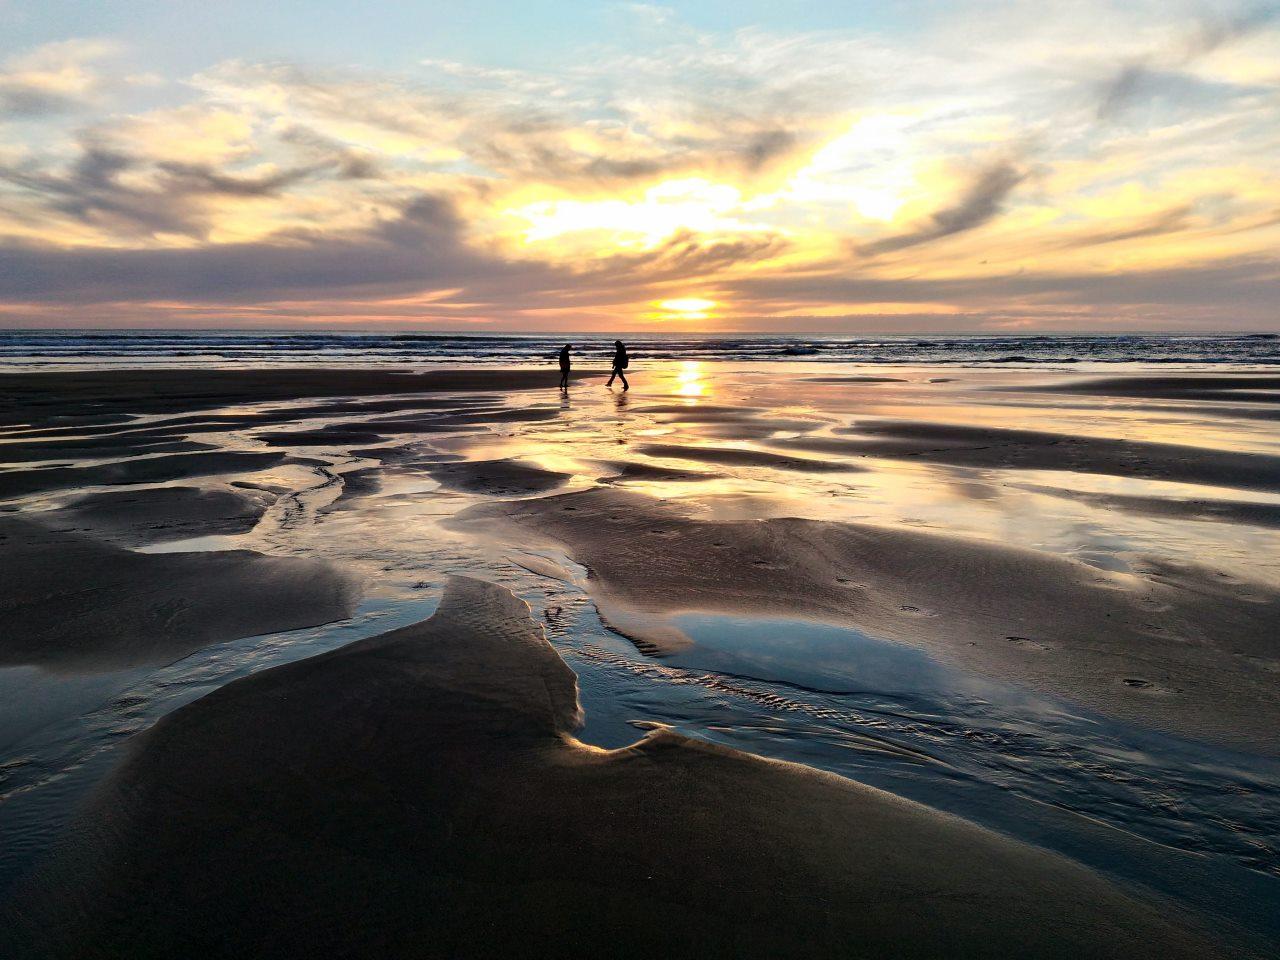 カレカレビーチ。オークランドで一番の夕日スポットだ。